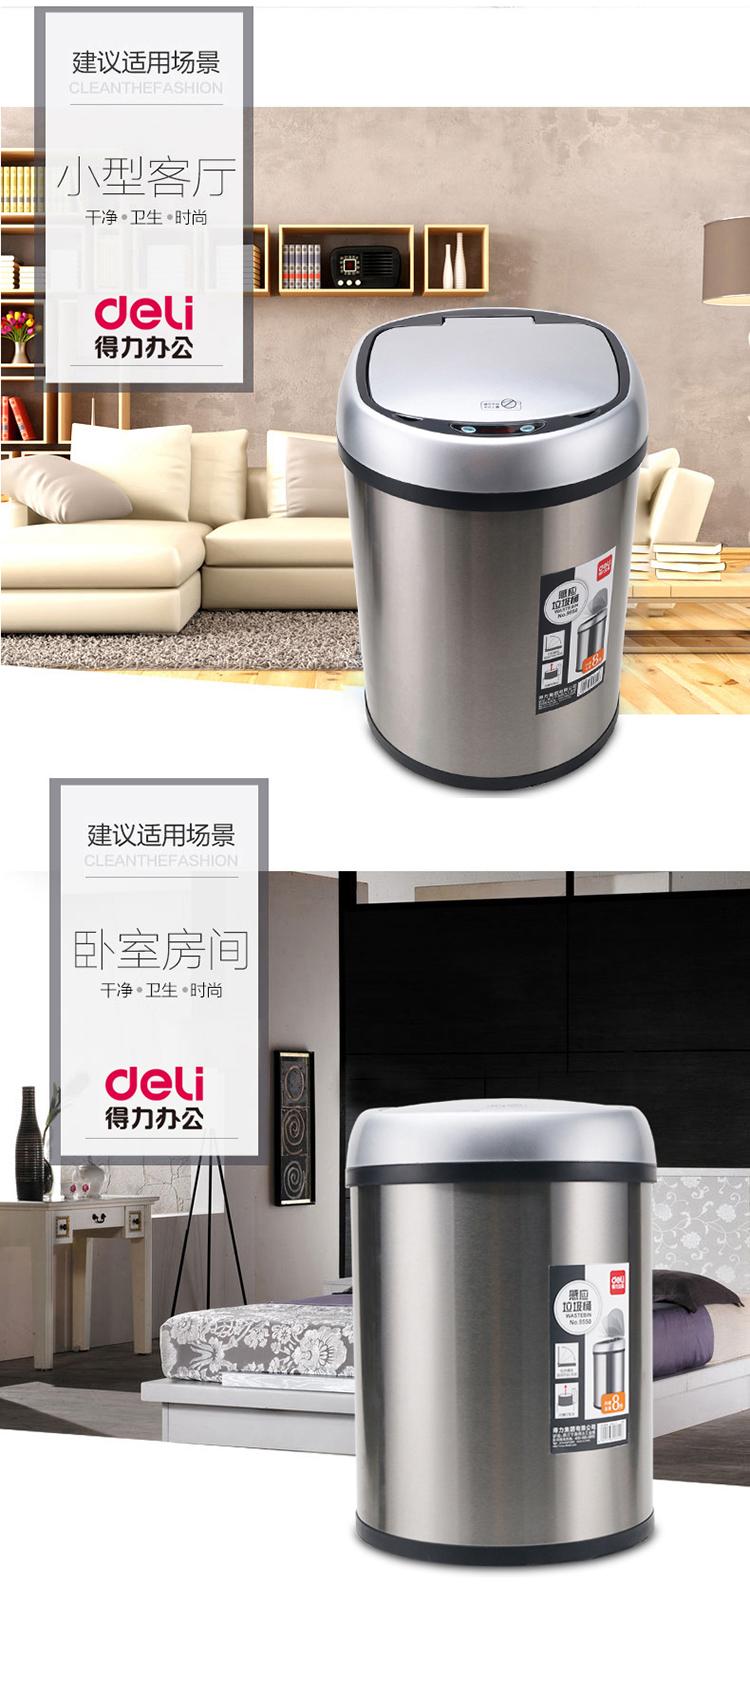 得力(deli)9550 不锈钢免脚踏自动感应垃圾桶 8l